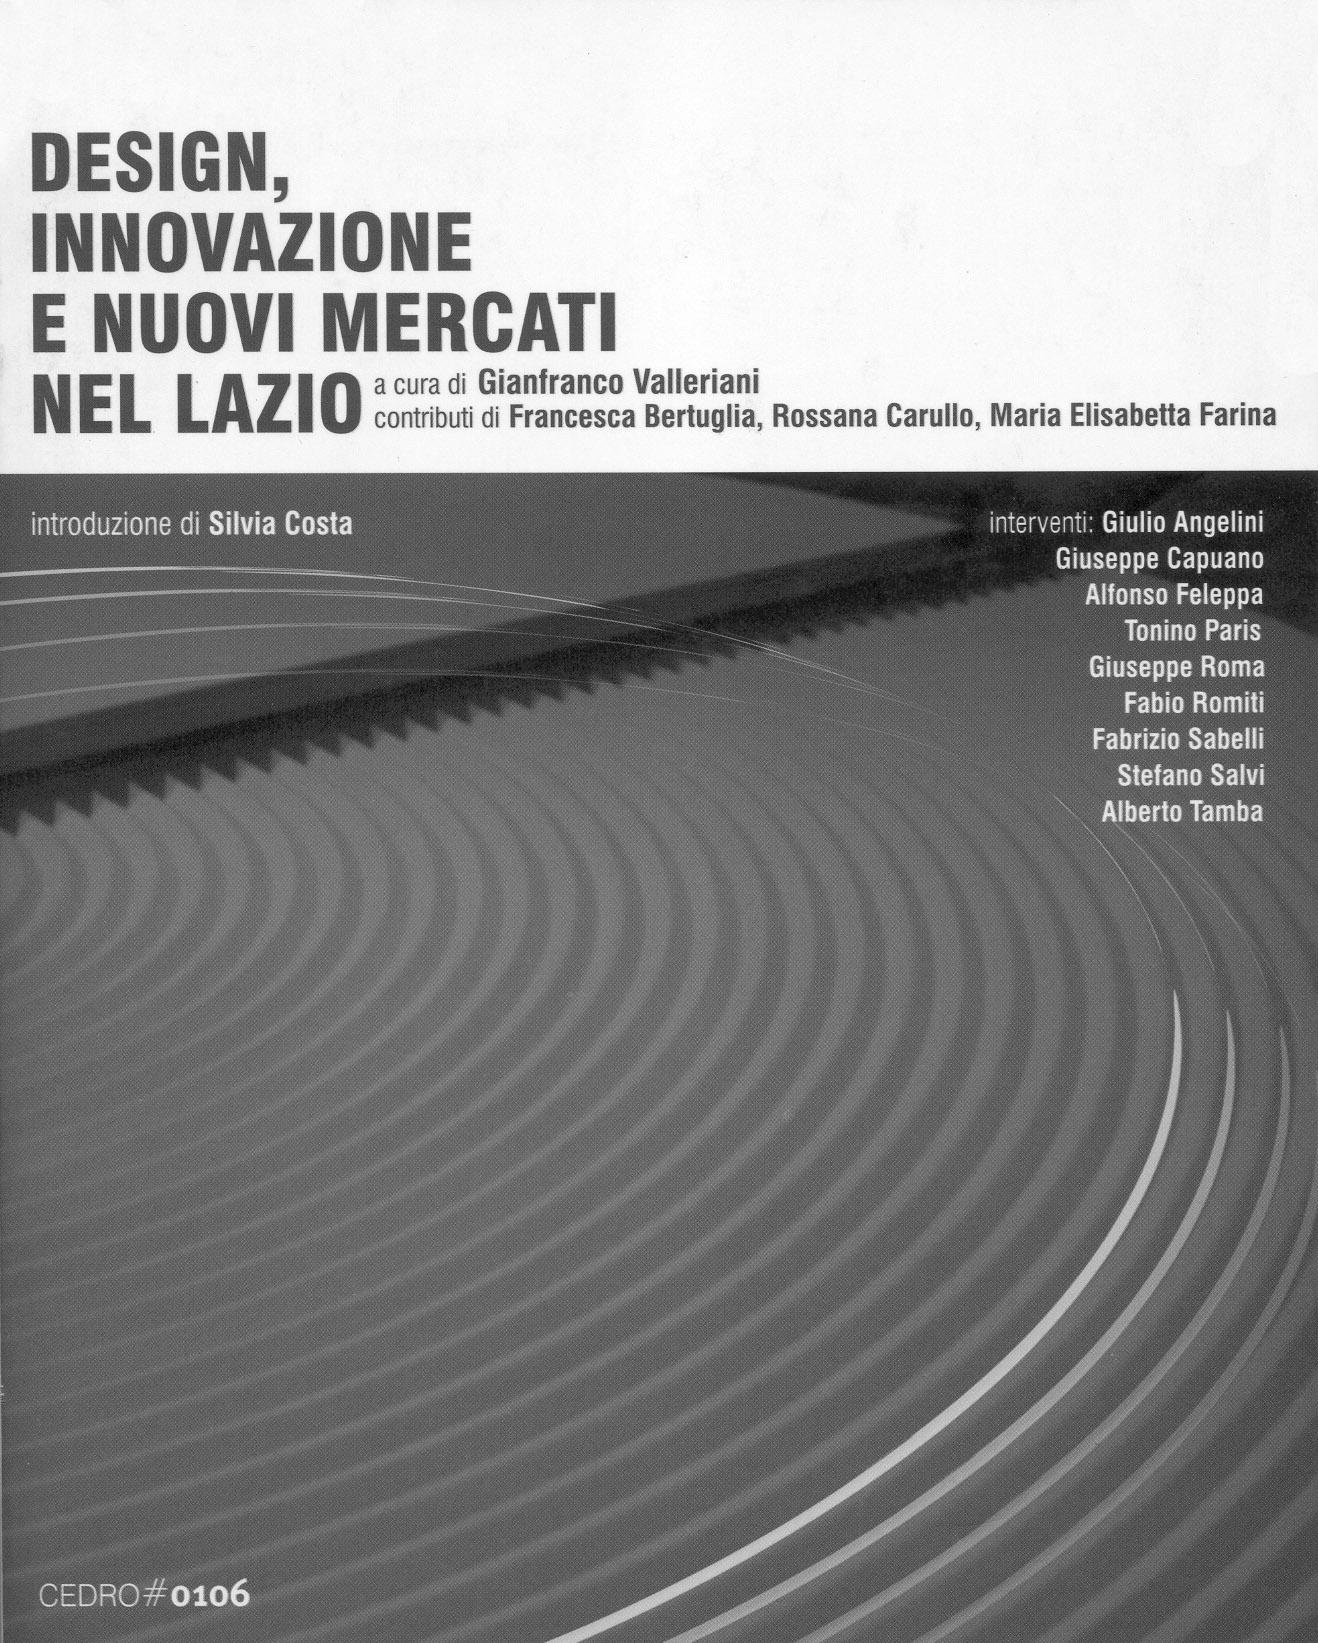 Valleriani, Gianfranco (2006) (a cura di) Design, Innovazione e Nuovi Mercati nel Lazio, Roma.